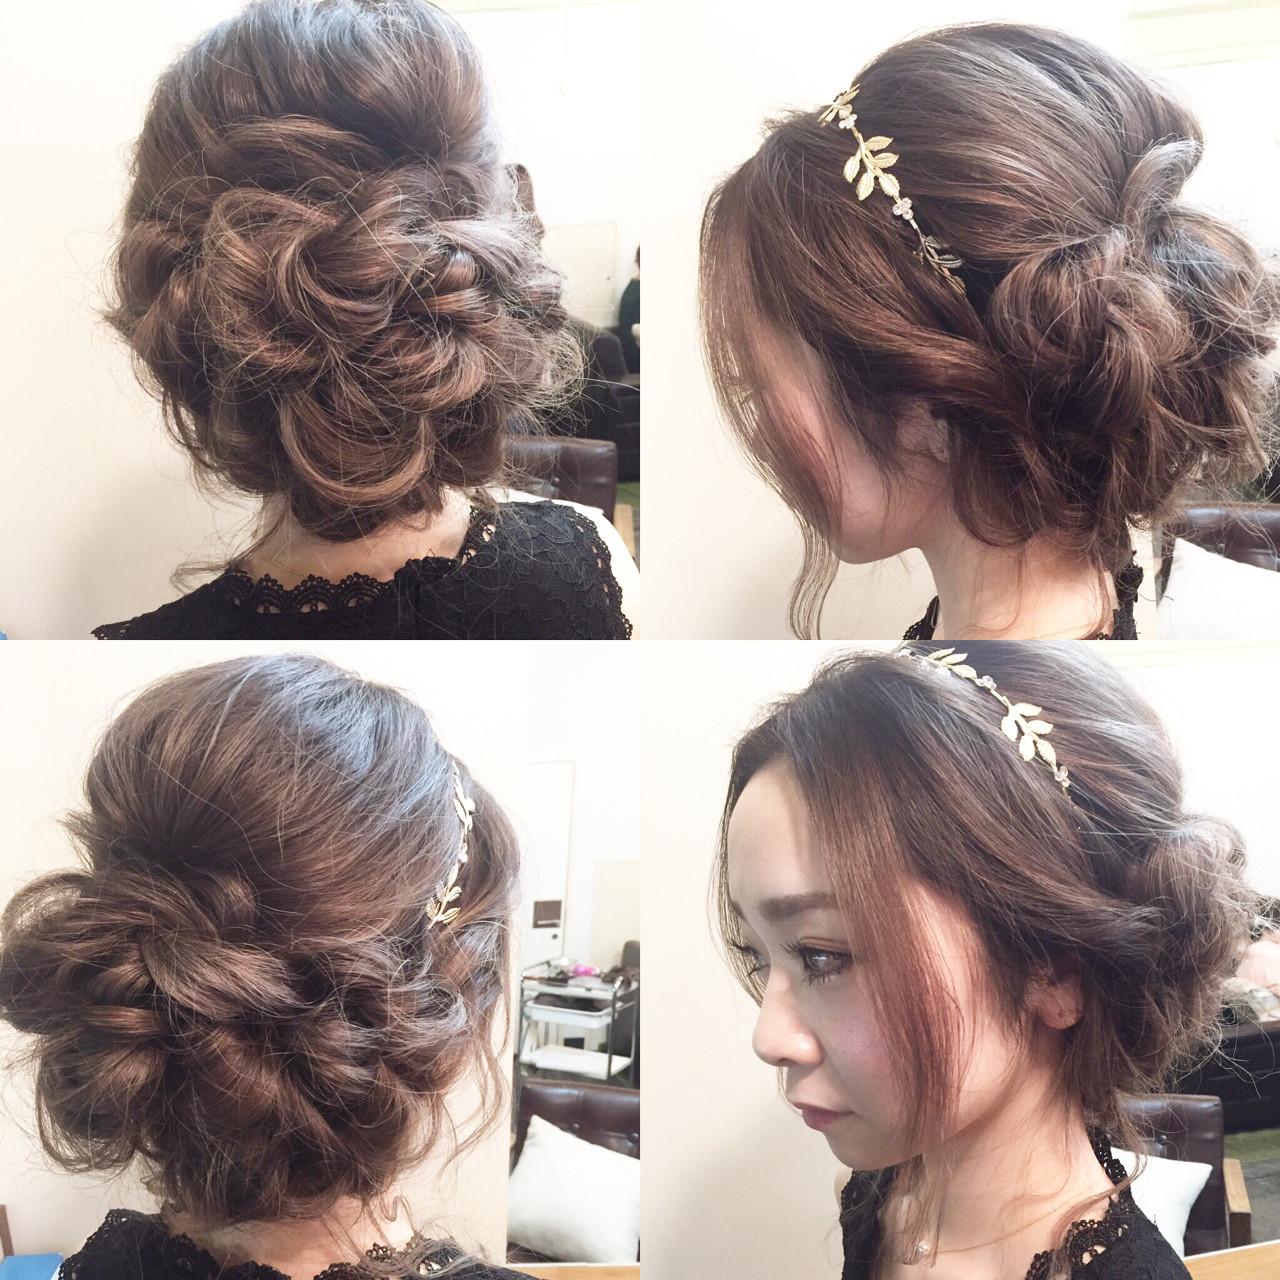 結婚式・お呼ばれに。おすすめアップのヘアスタイルとセルフアレンジ法 田渕 英和/vicushair